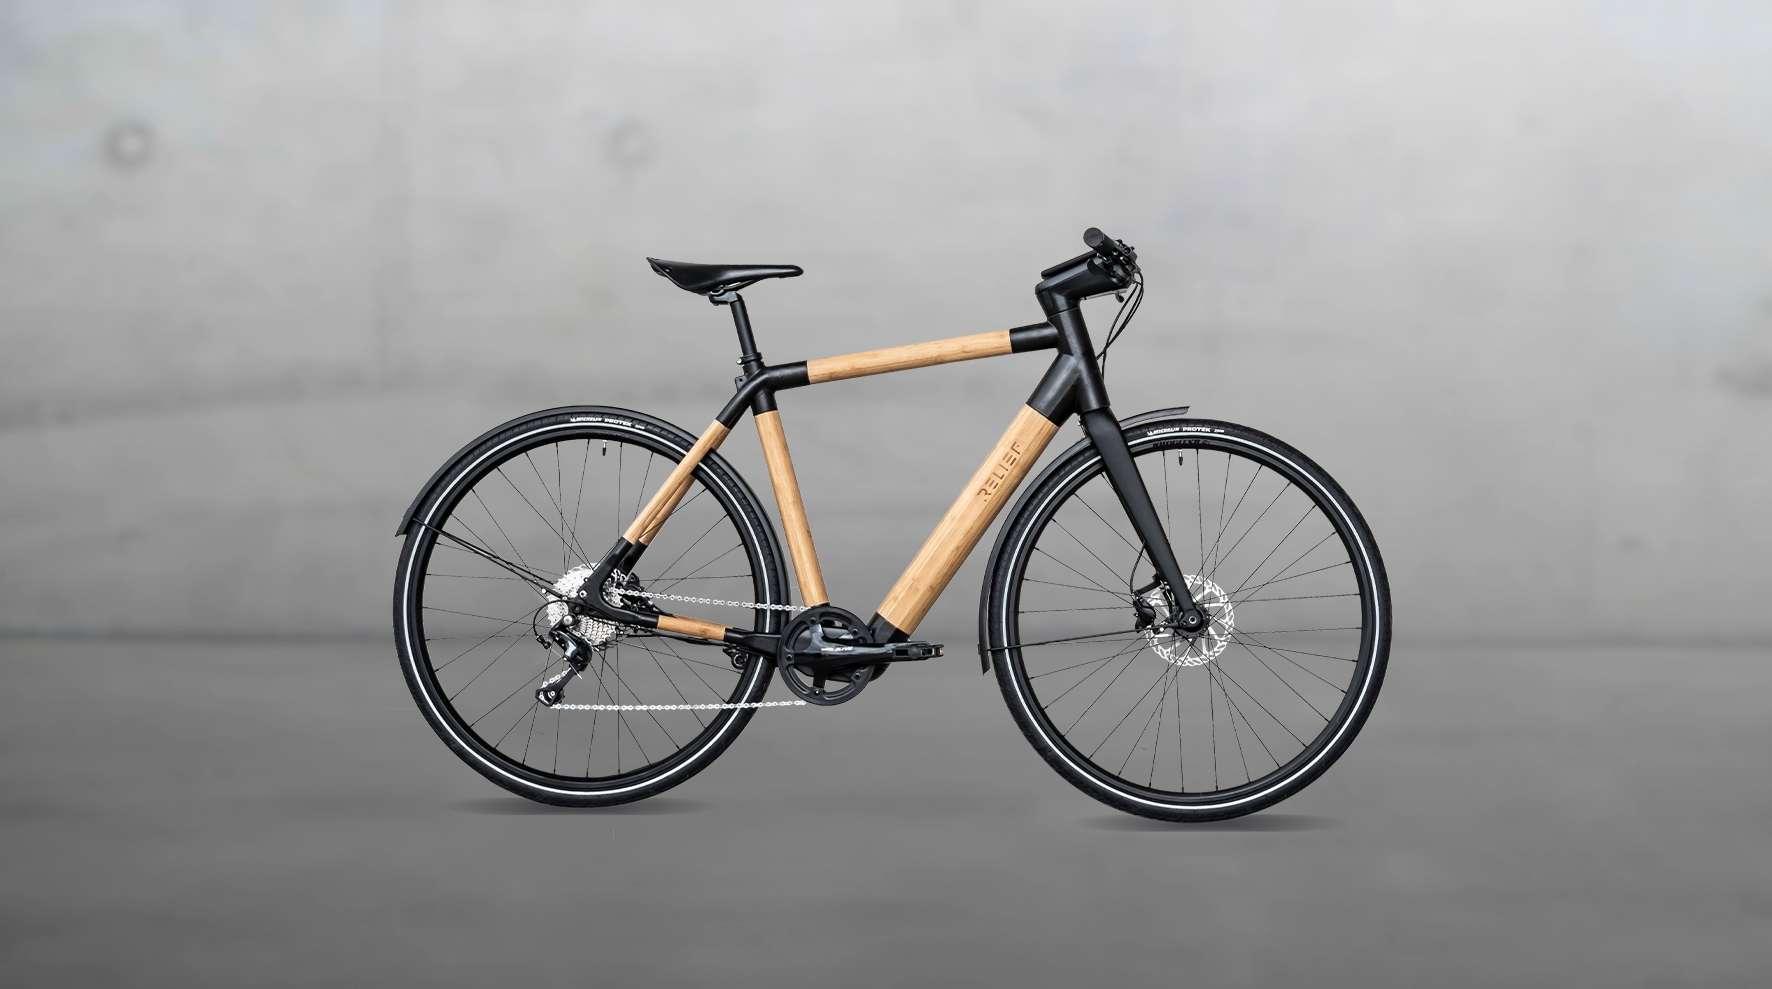 Le nouveau vélo électrique Relief de Cyclik. © Cyclik